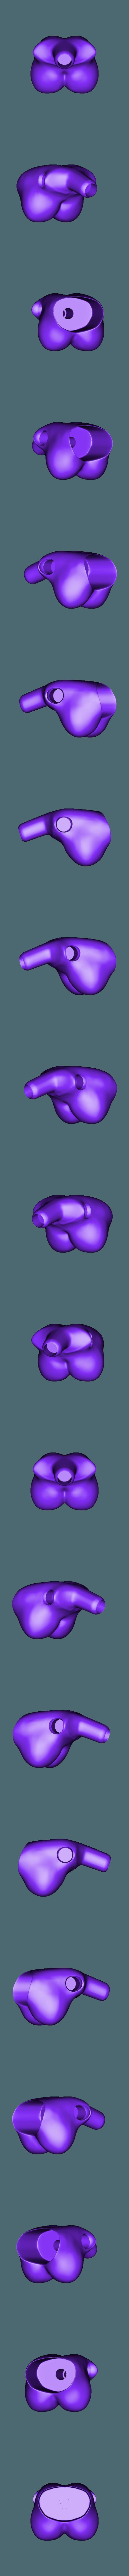 Kasca-style_magnet_joint_doll_Extended_parts_XL_bust_rev1.stl Télécharger fichier STL gratuit Poupée à joint magnétique style Kasca_Pièces allongées_Bustes XL • Objet à imprimer en 3D, all-kasca